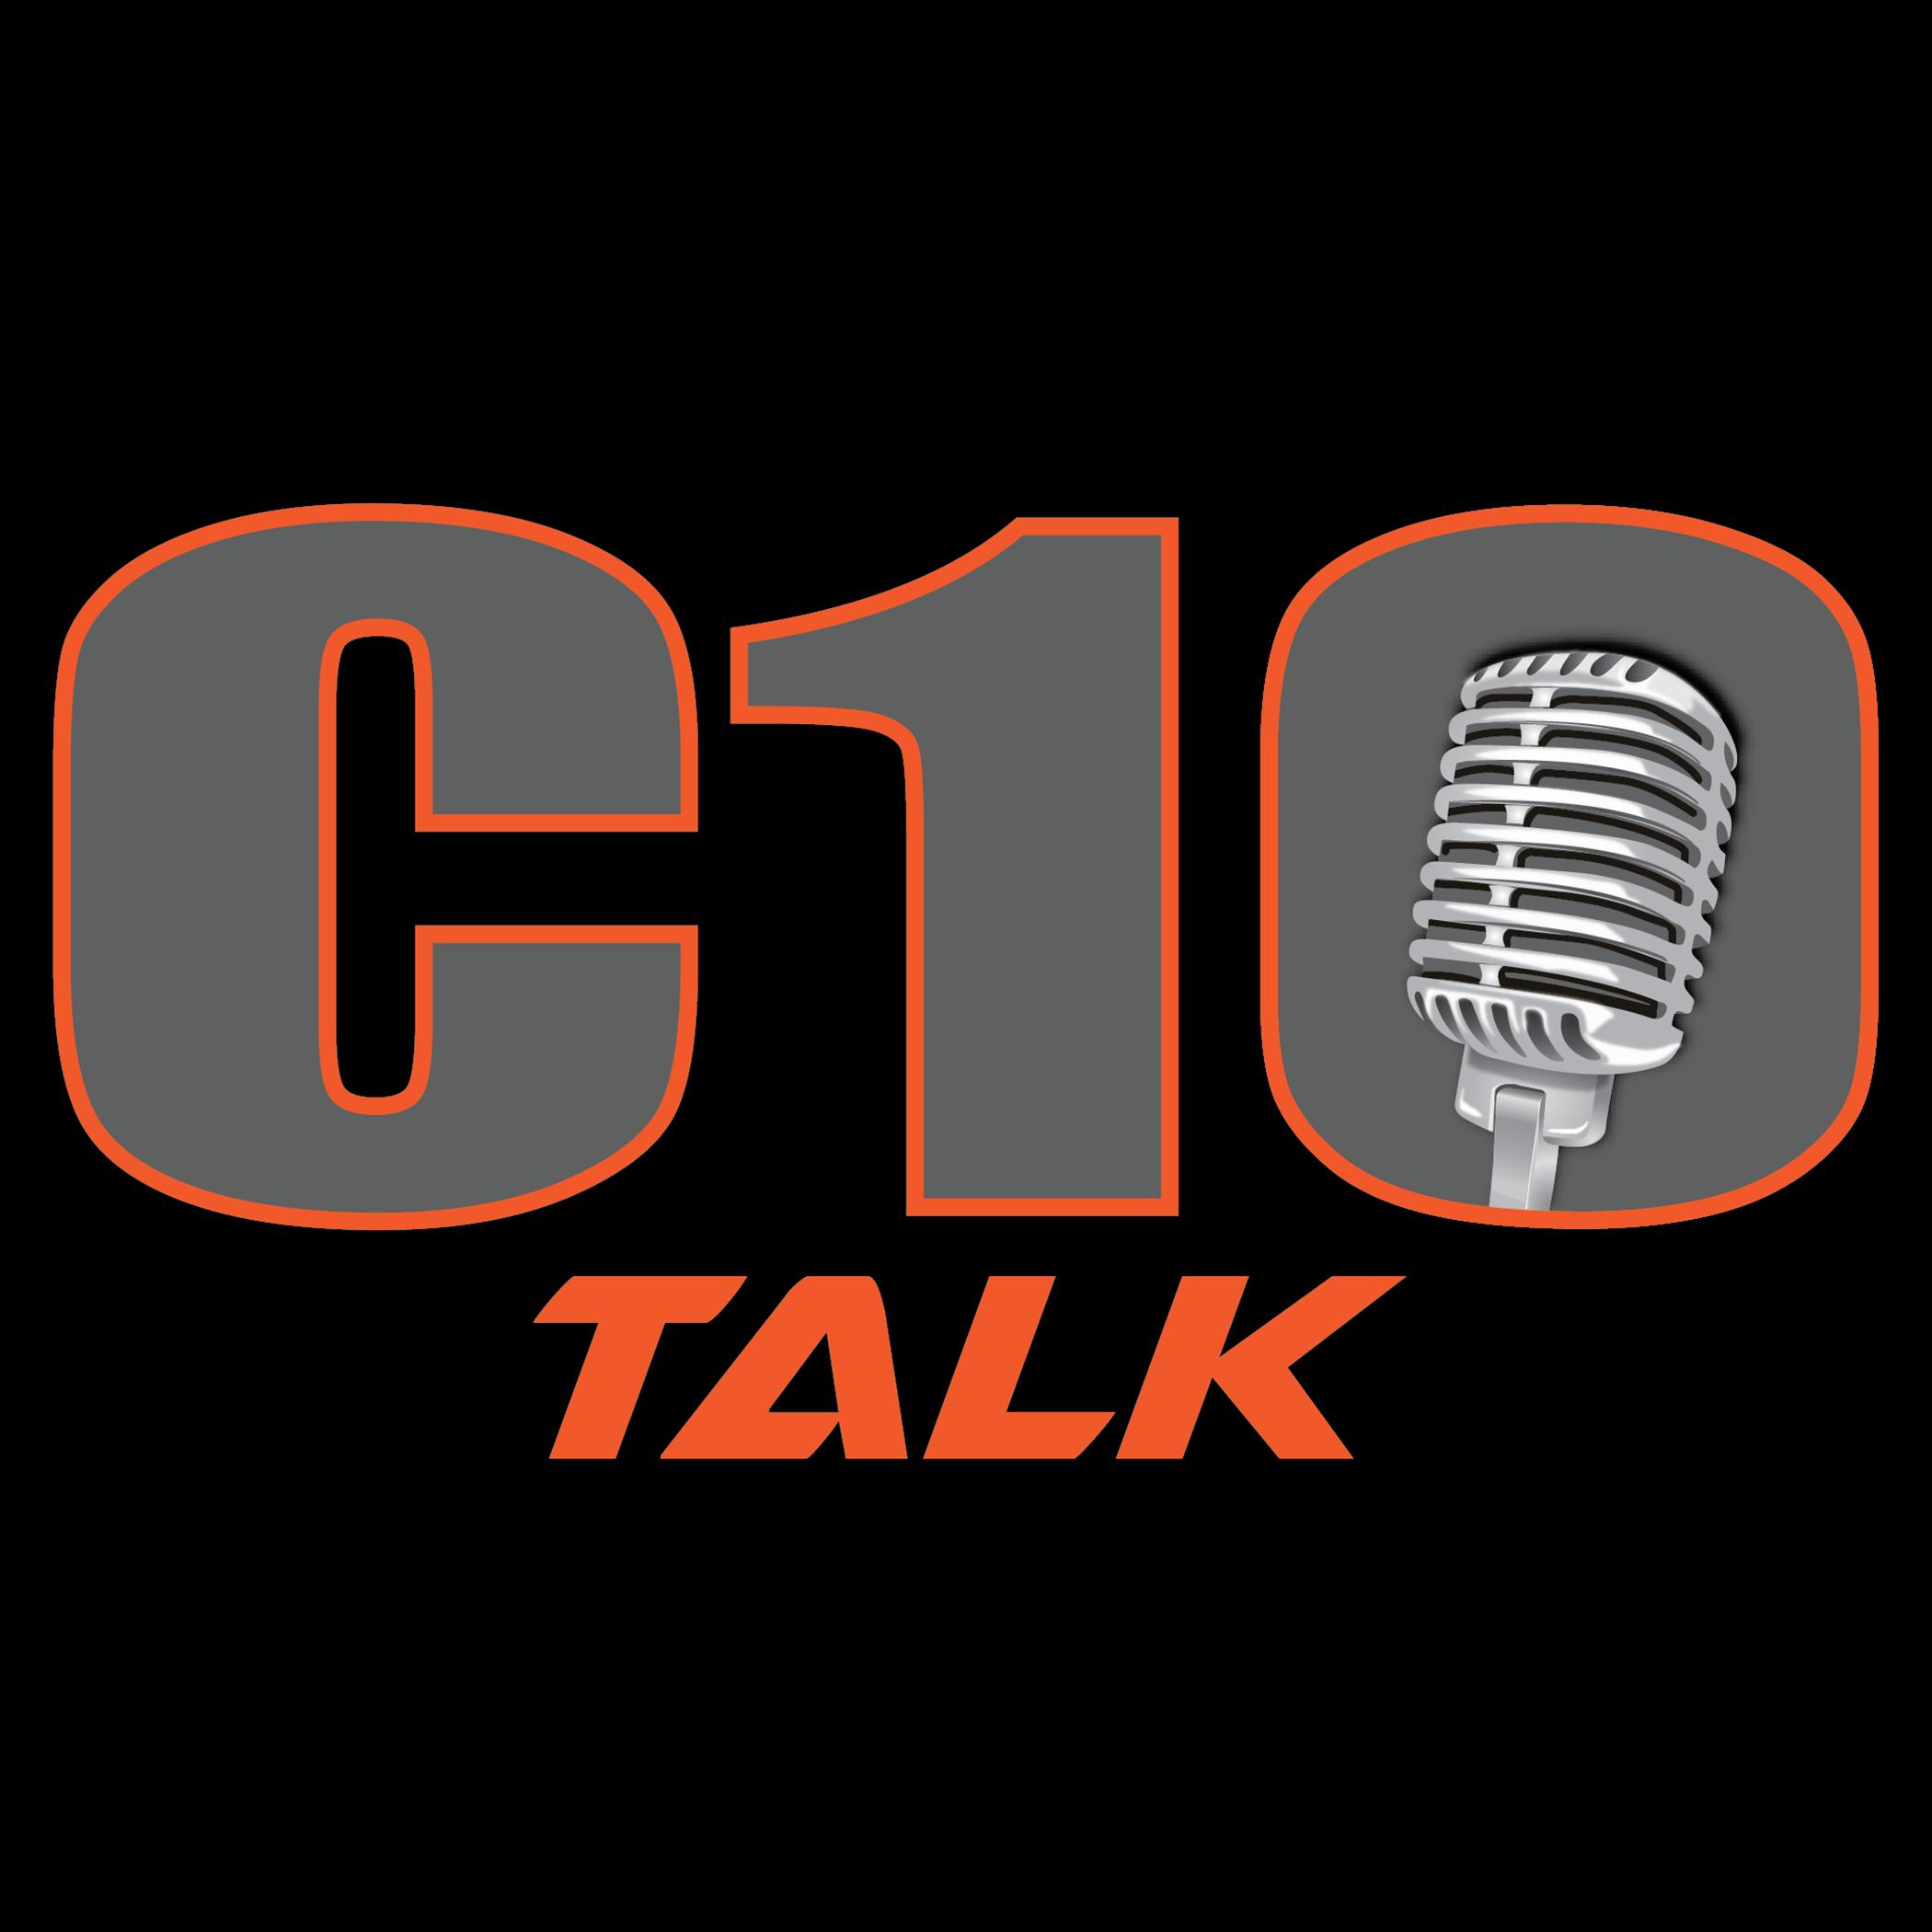 C10 Talk